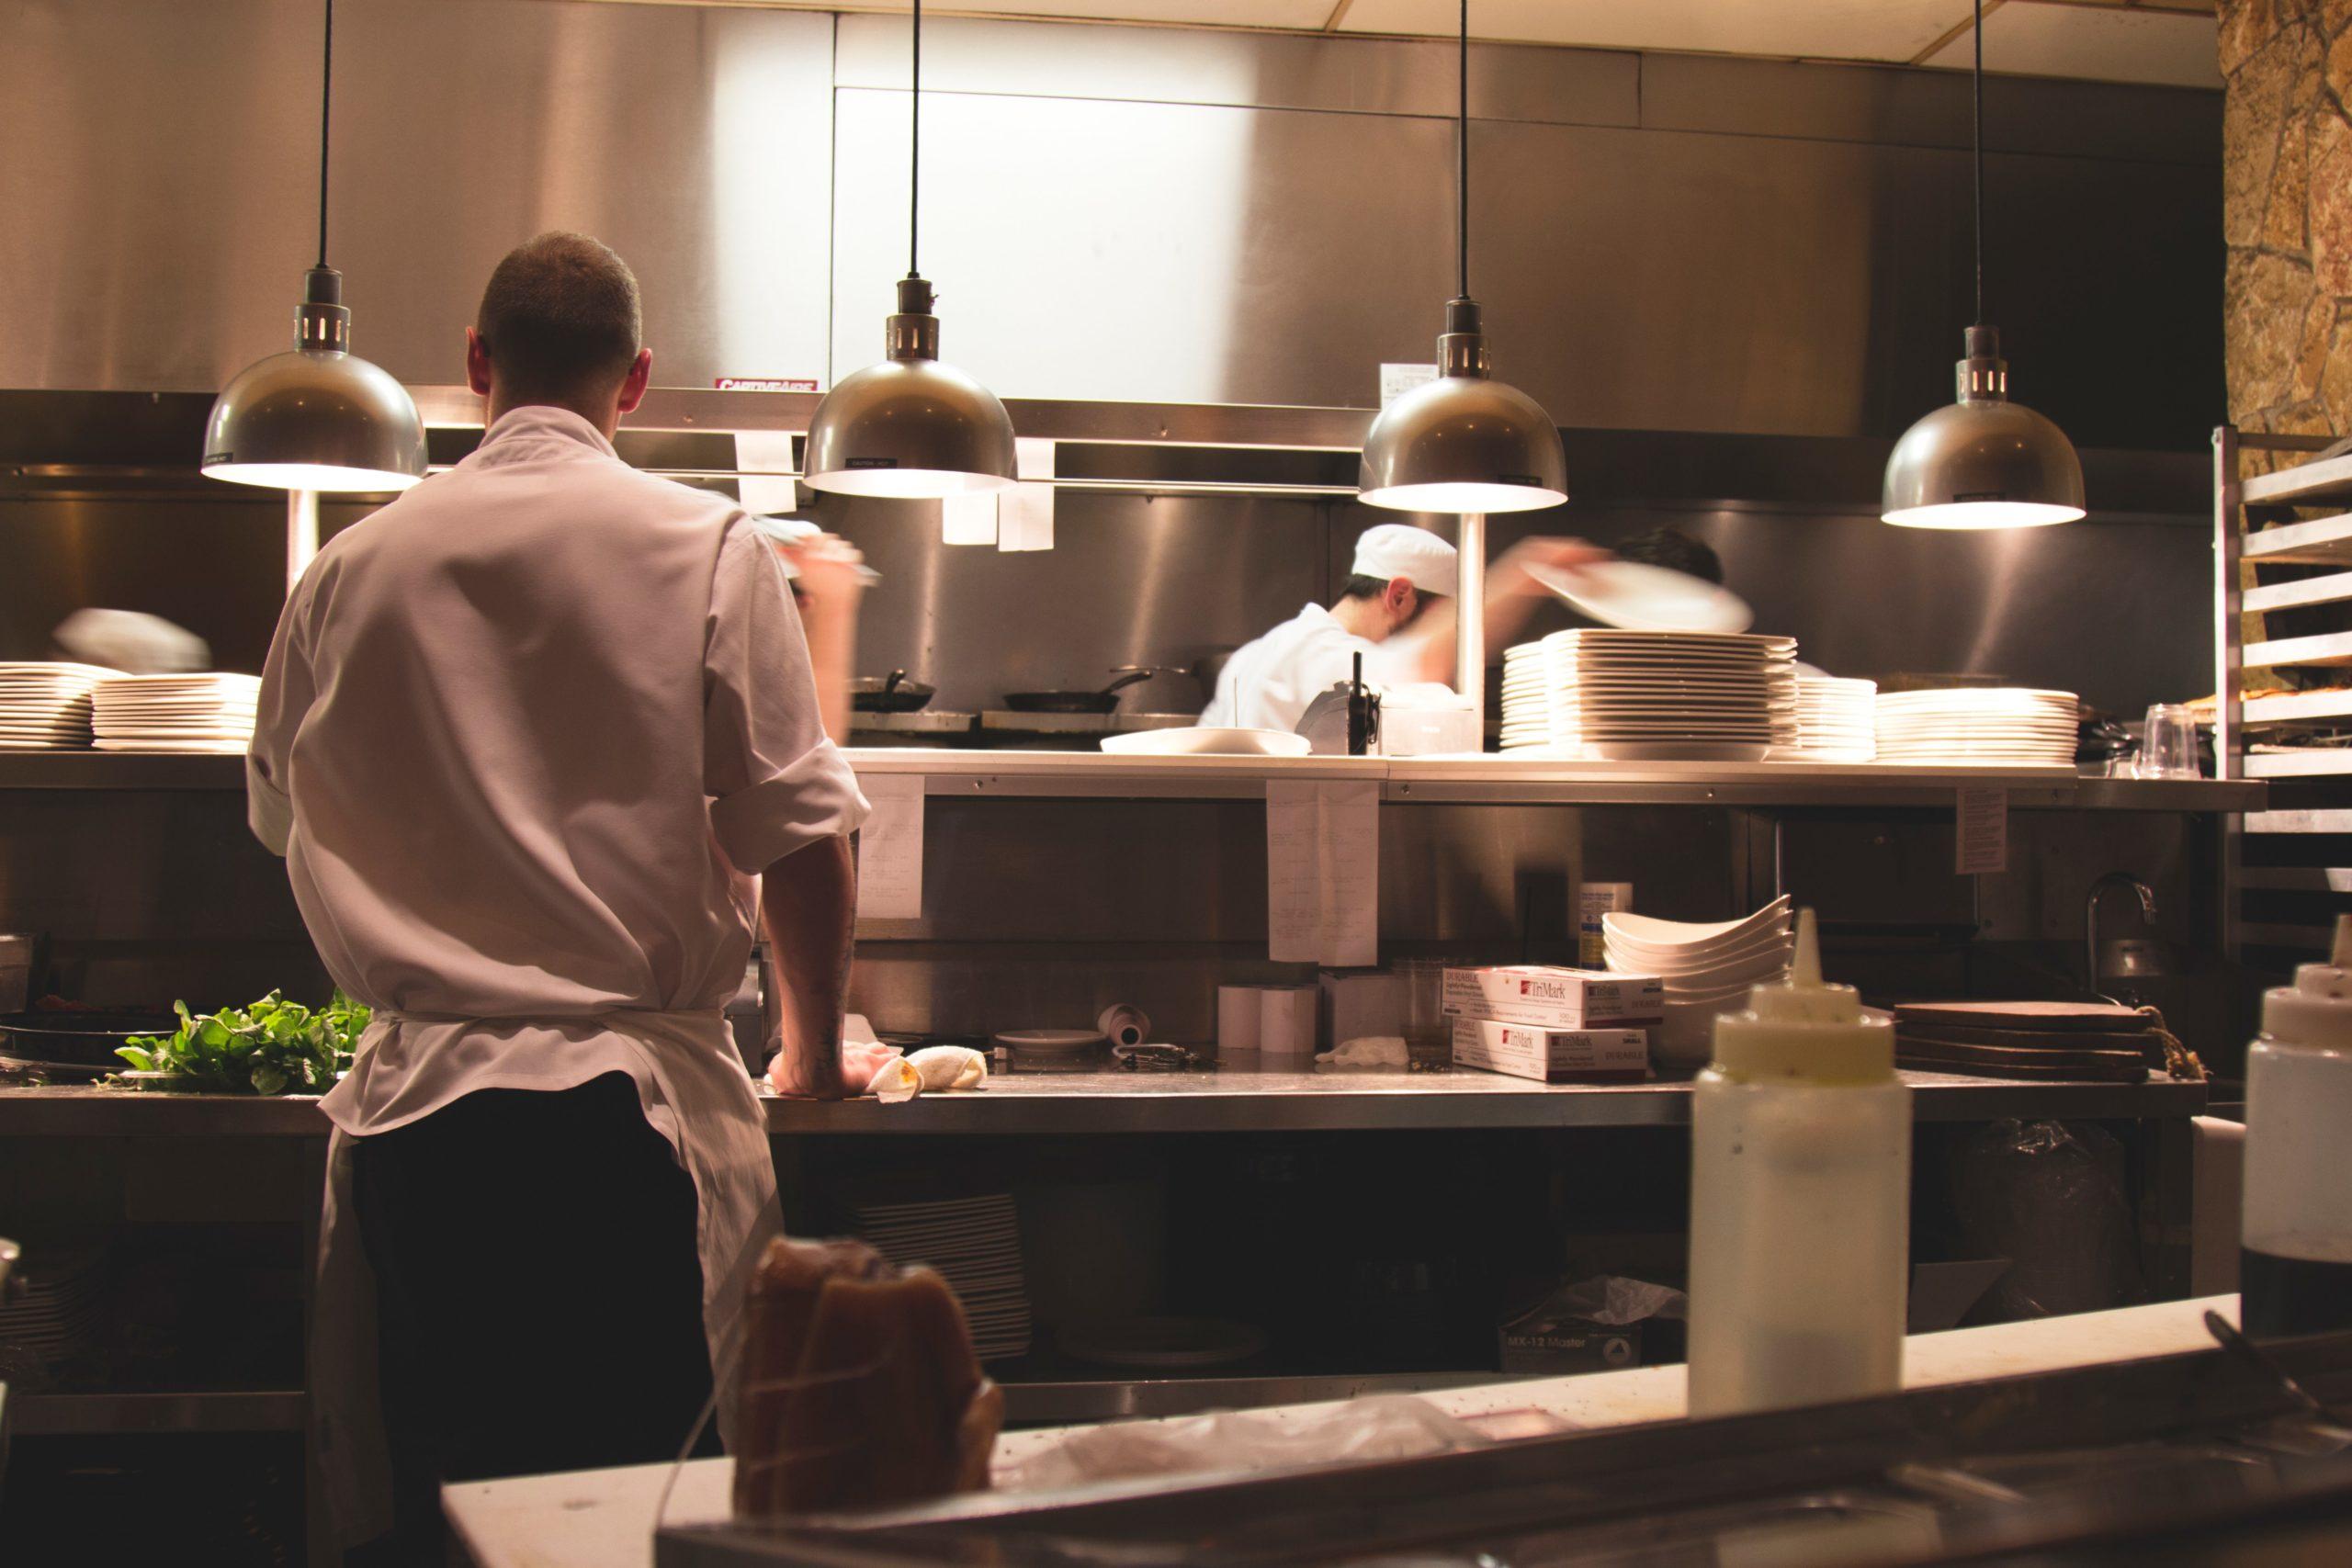 飲食業でやりがいを持って仕事をする人たち